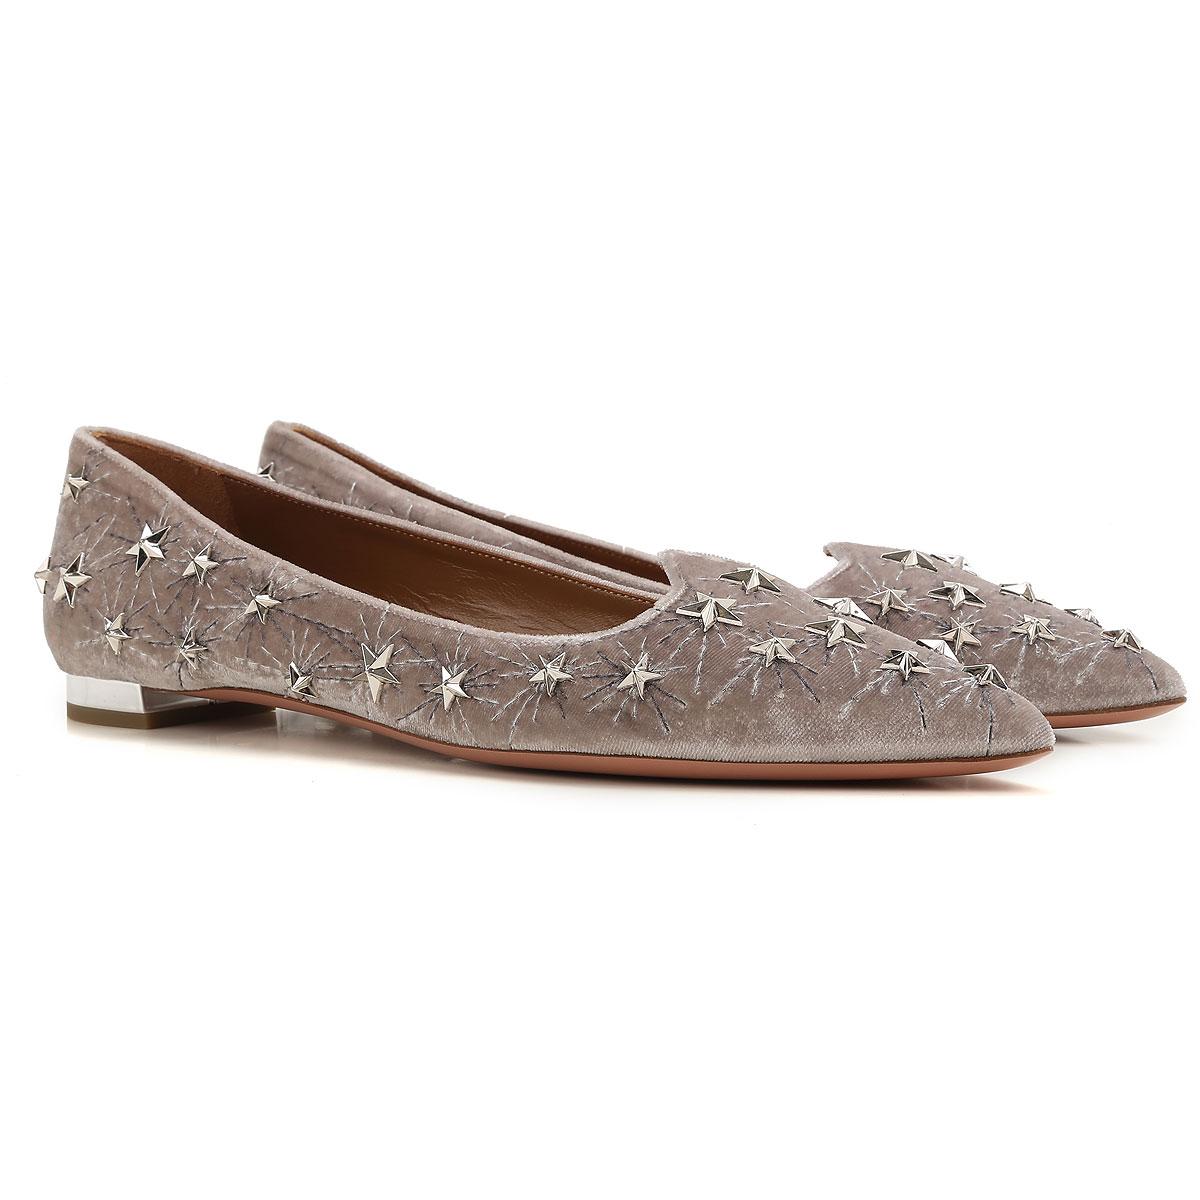 Image of Aquazzura Ballet Flats Ballerina Shoes for Women On Sale, Light Grey, Velvet, 2017, 8 9